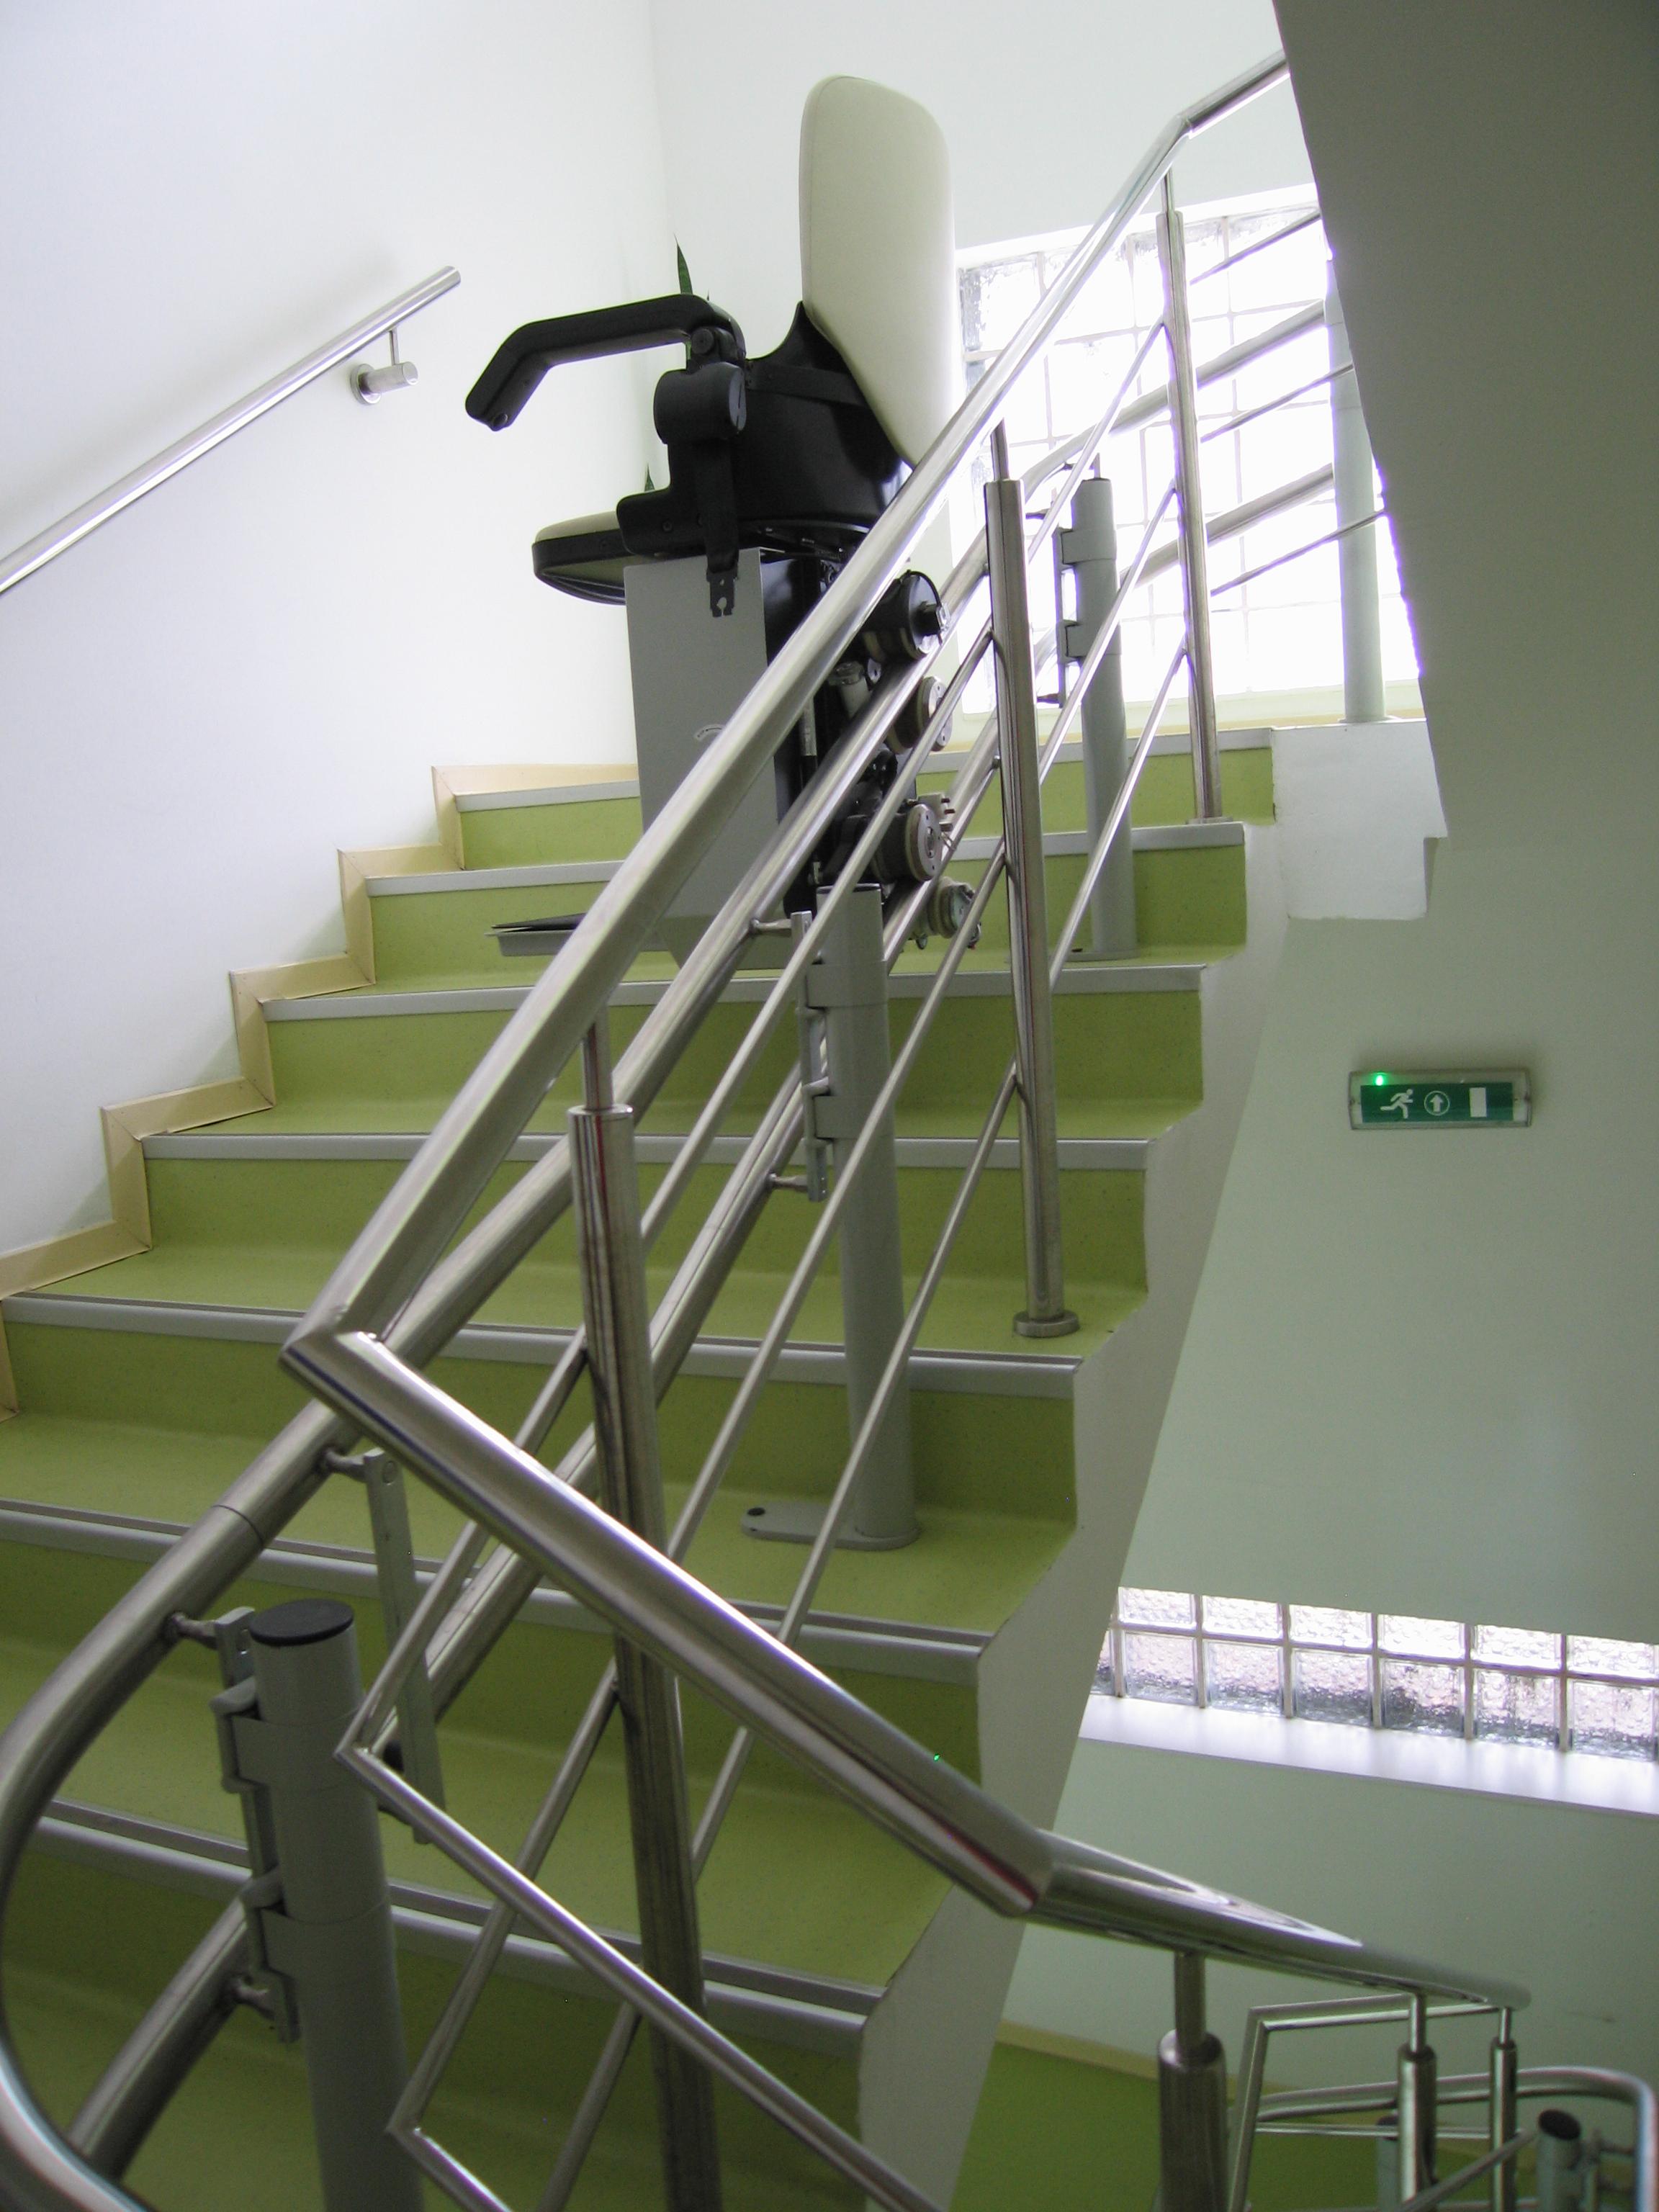 Lift pentru persoane cu dizabilitati (servoscara) HIRO 160 - 2 HIRO LIFT - Poza 2